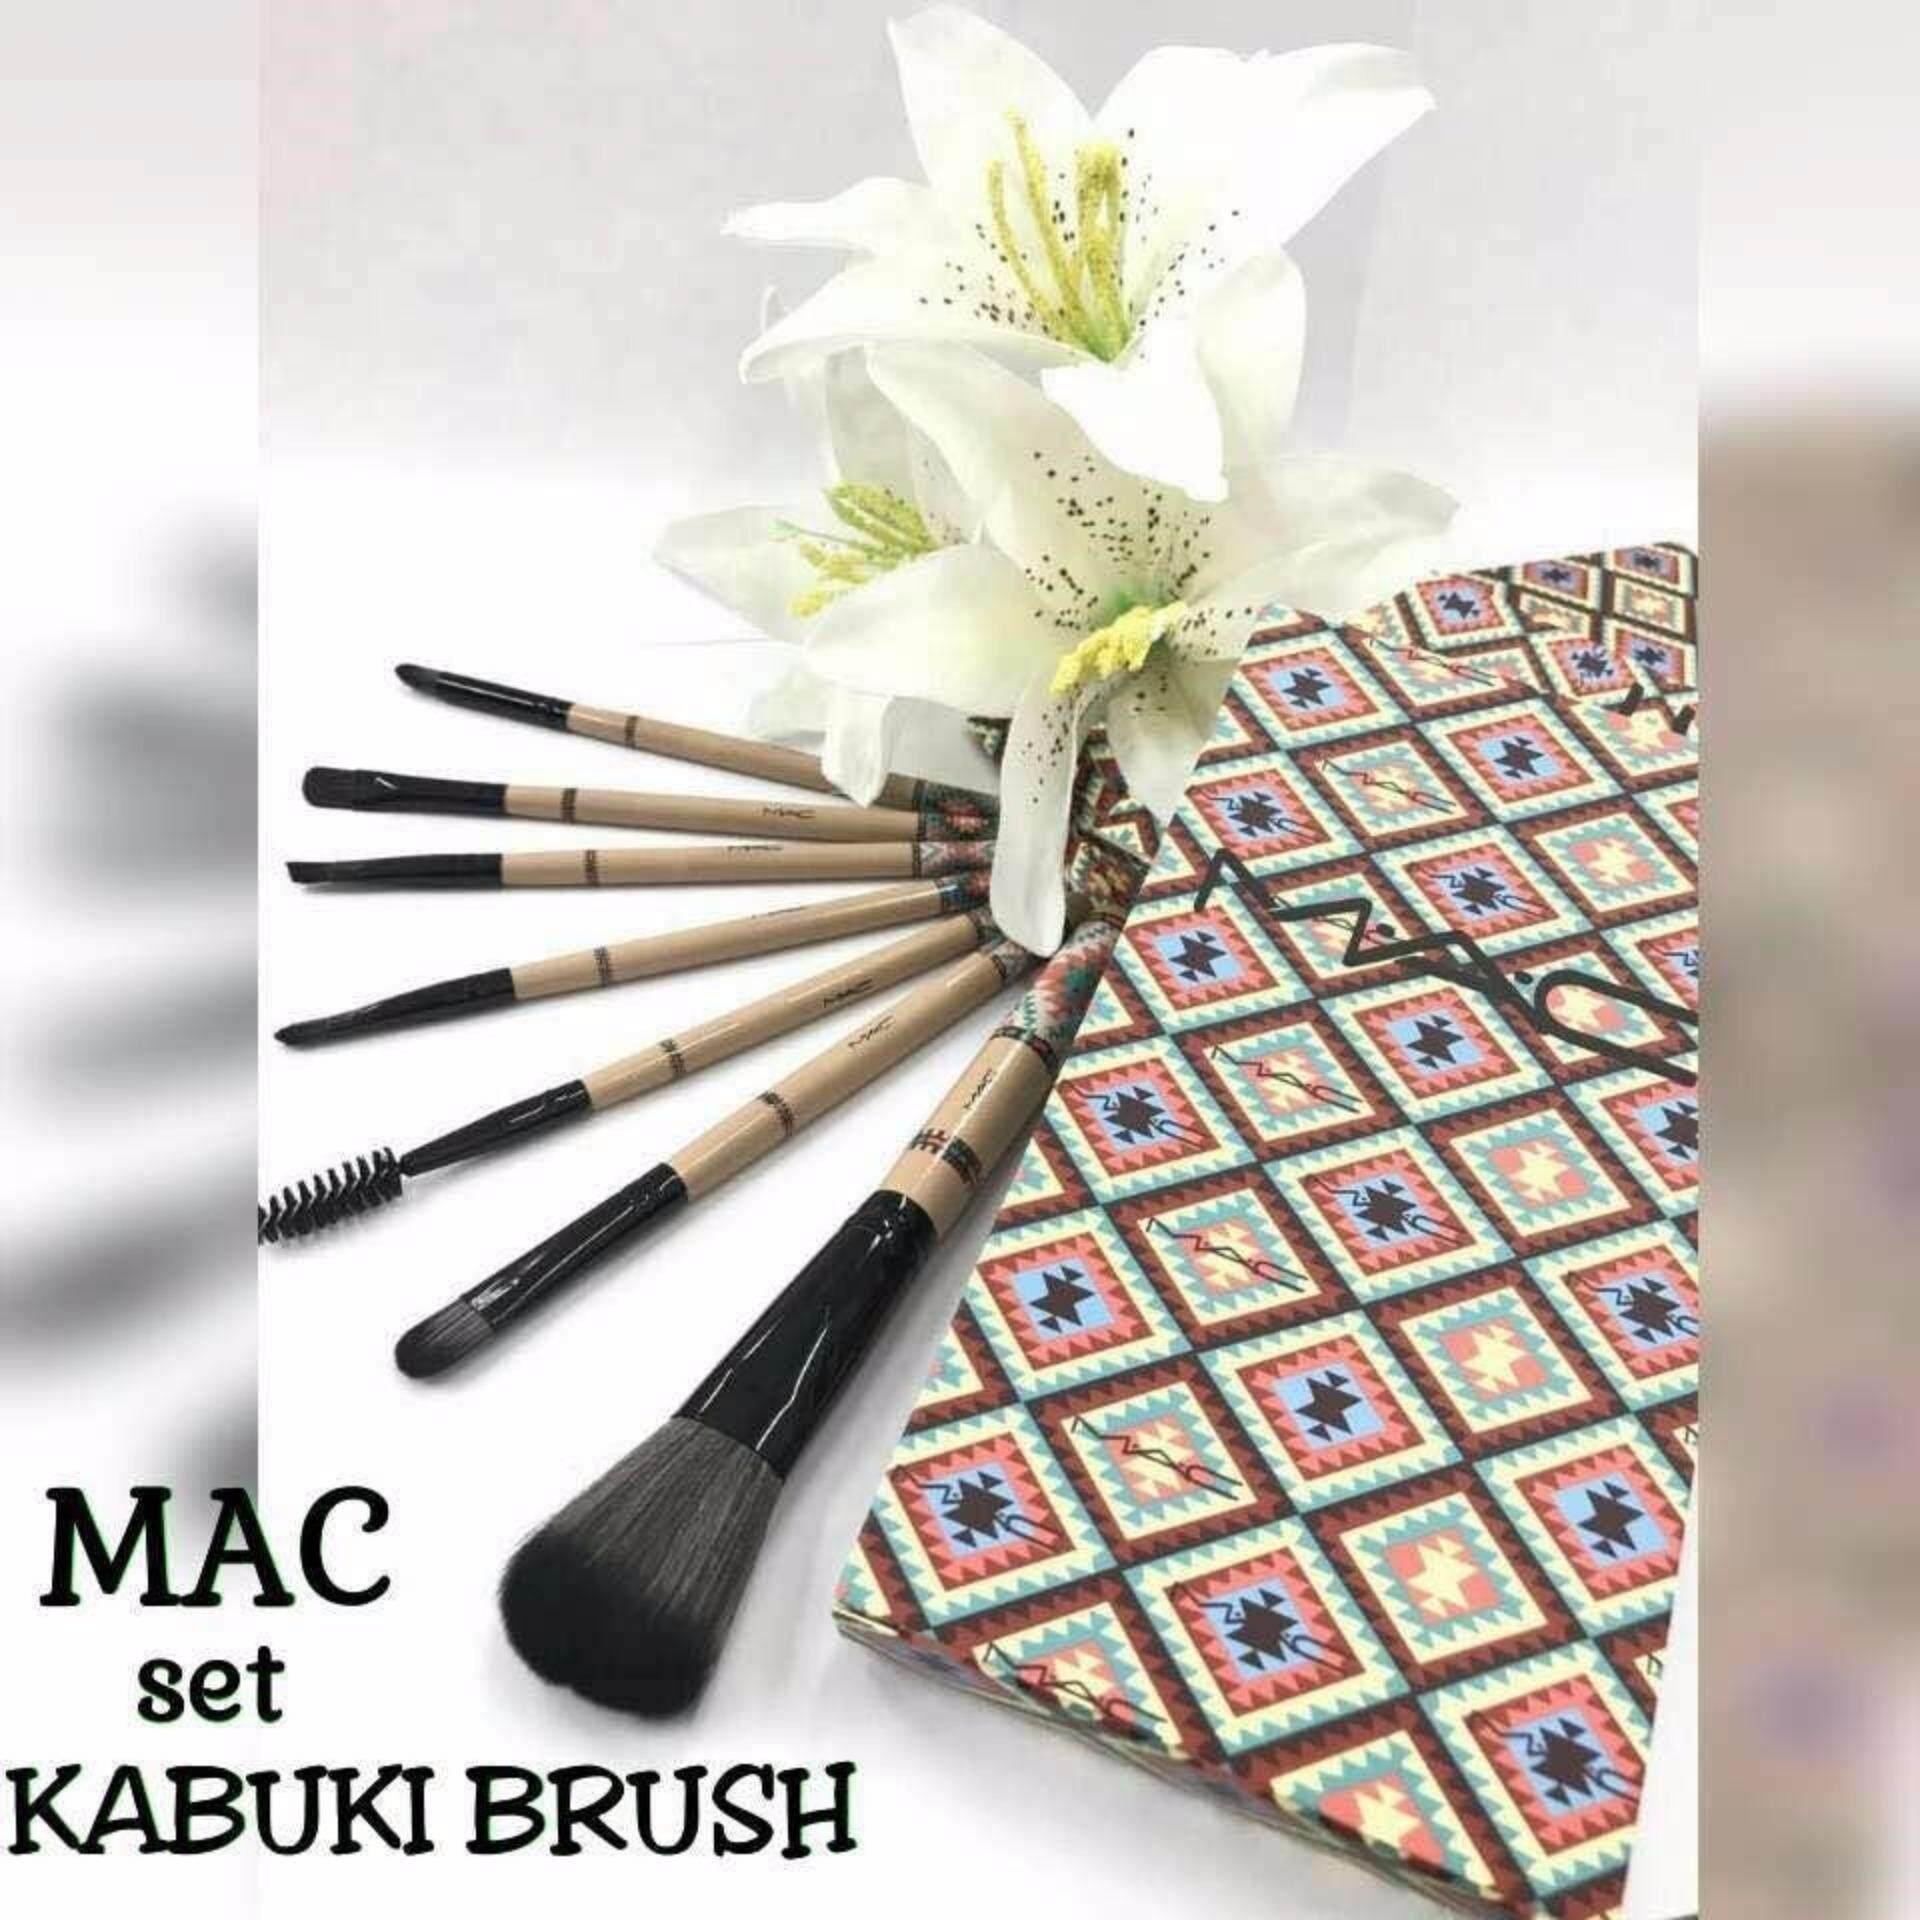 M_A_C Kabuki Brush 7pcs